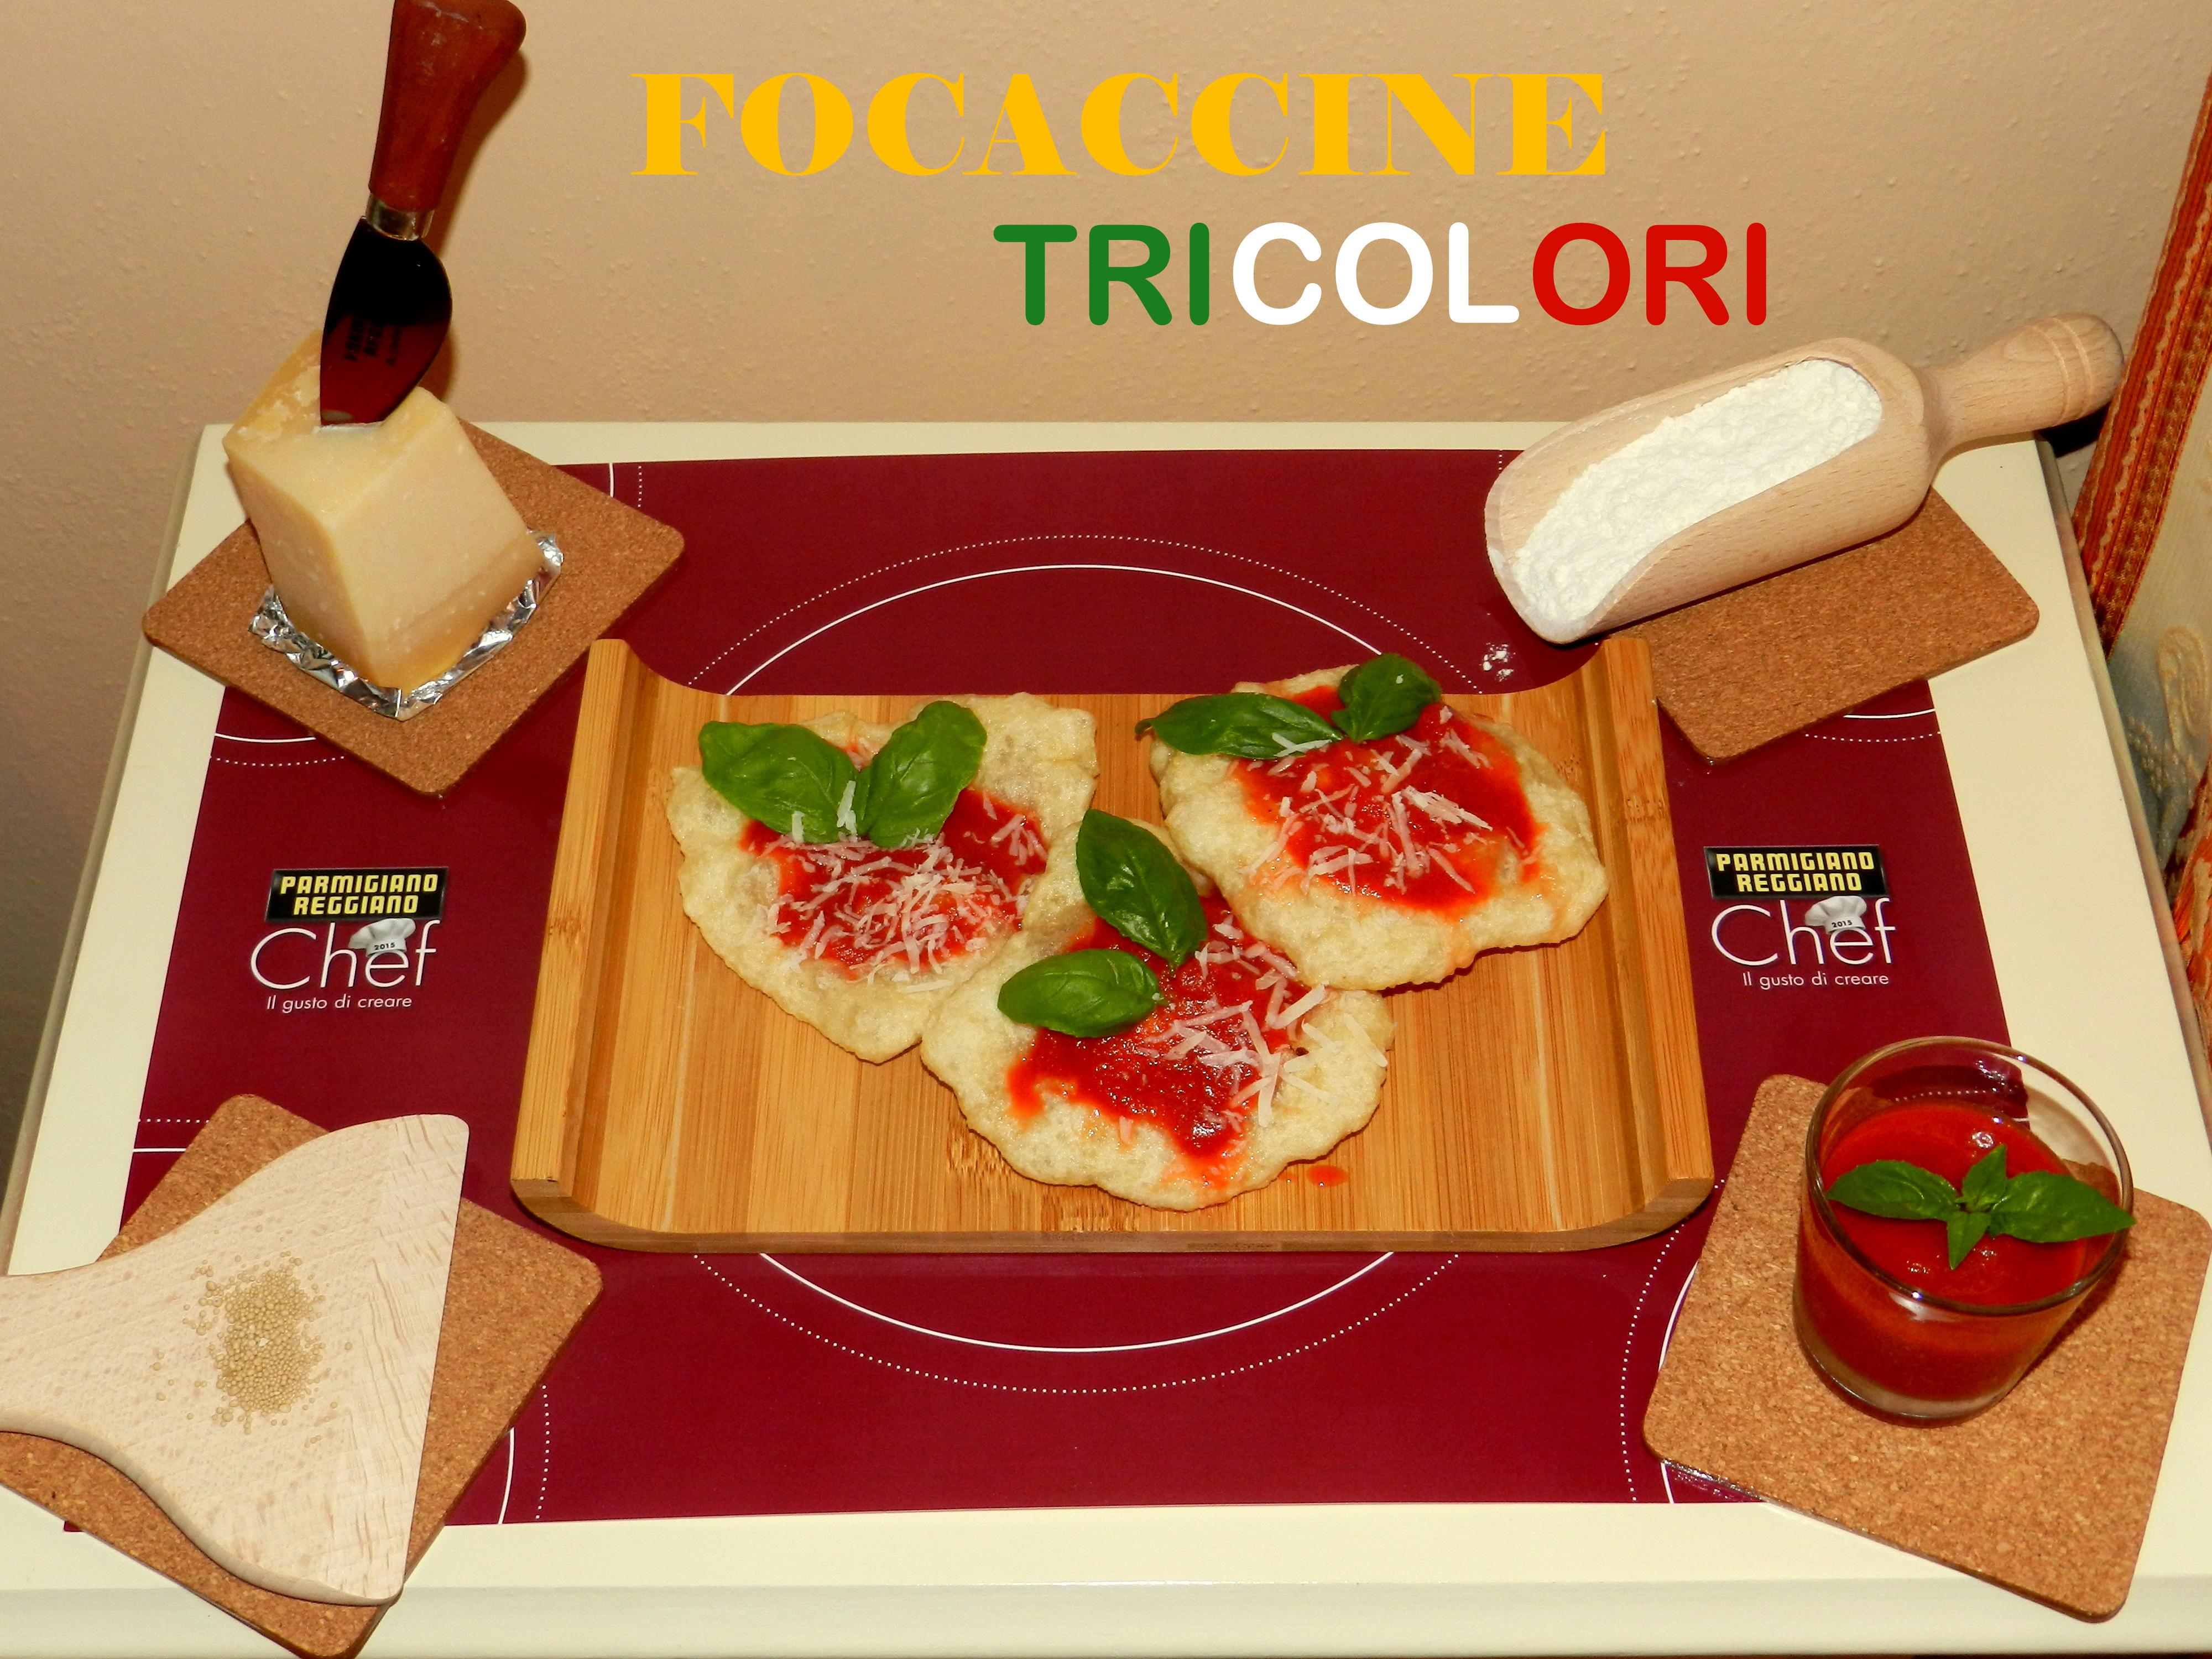 Focaccine-tricolori